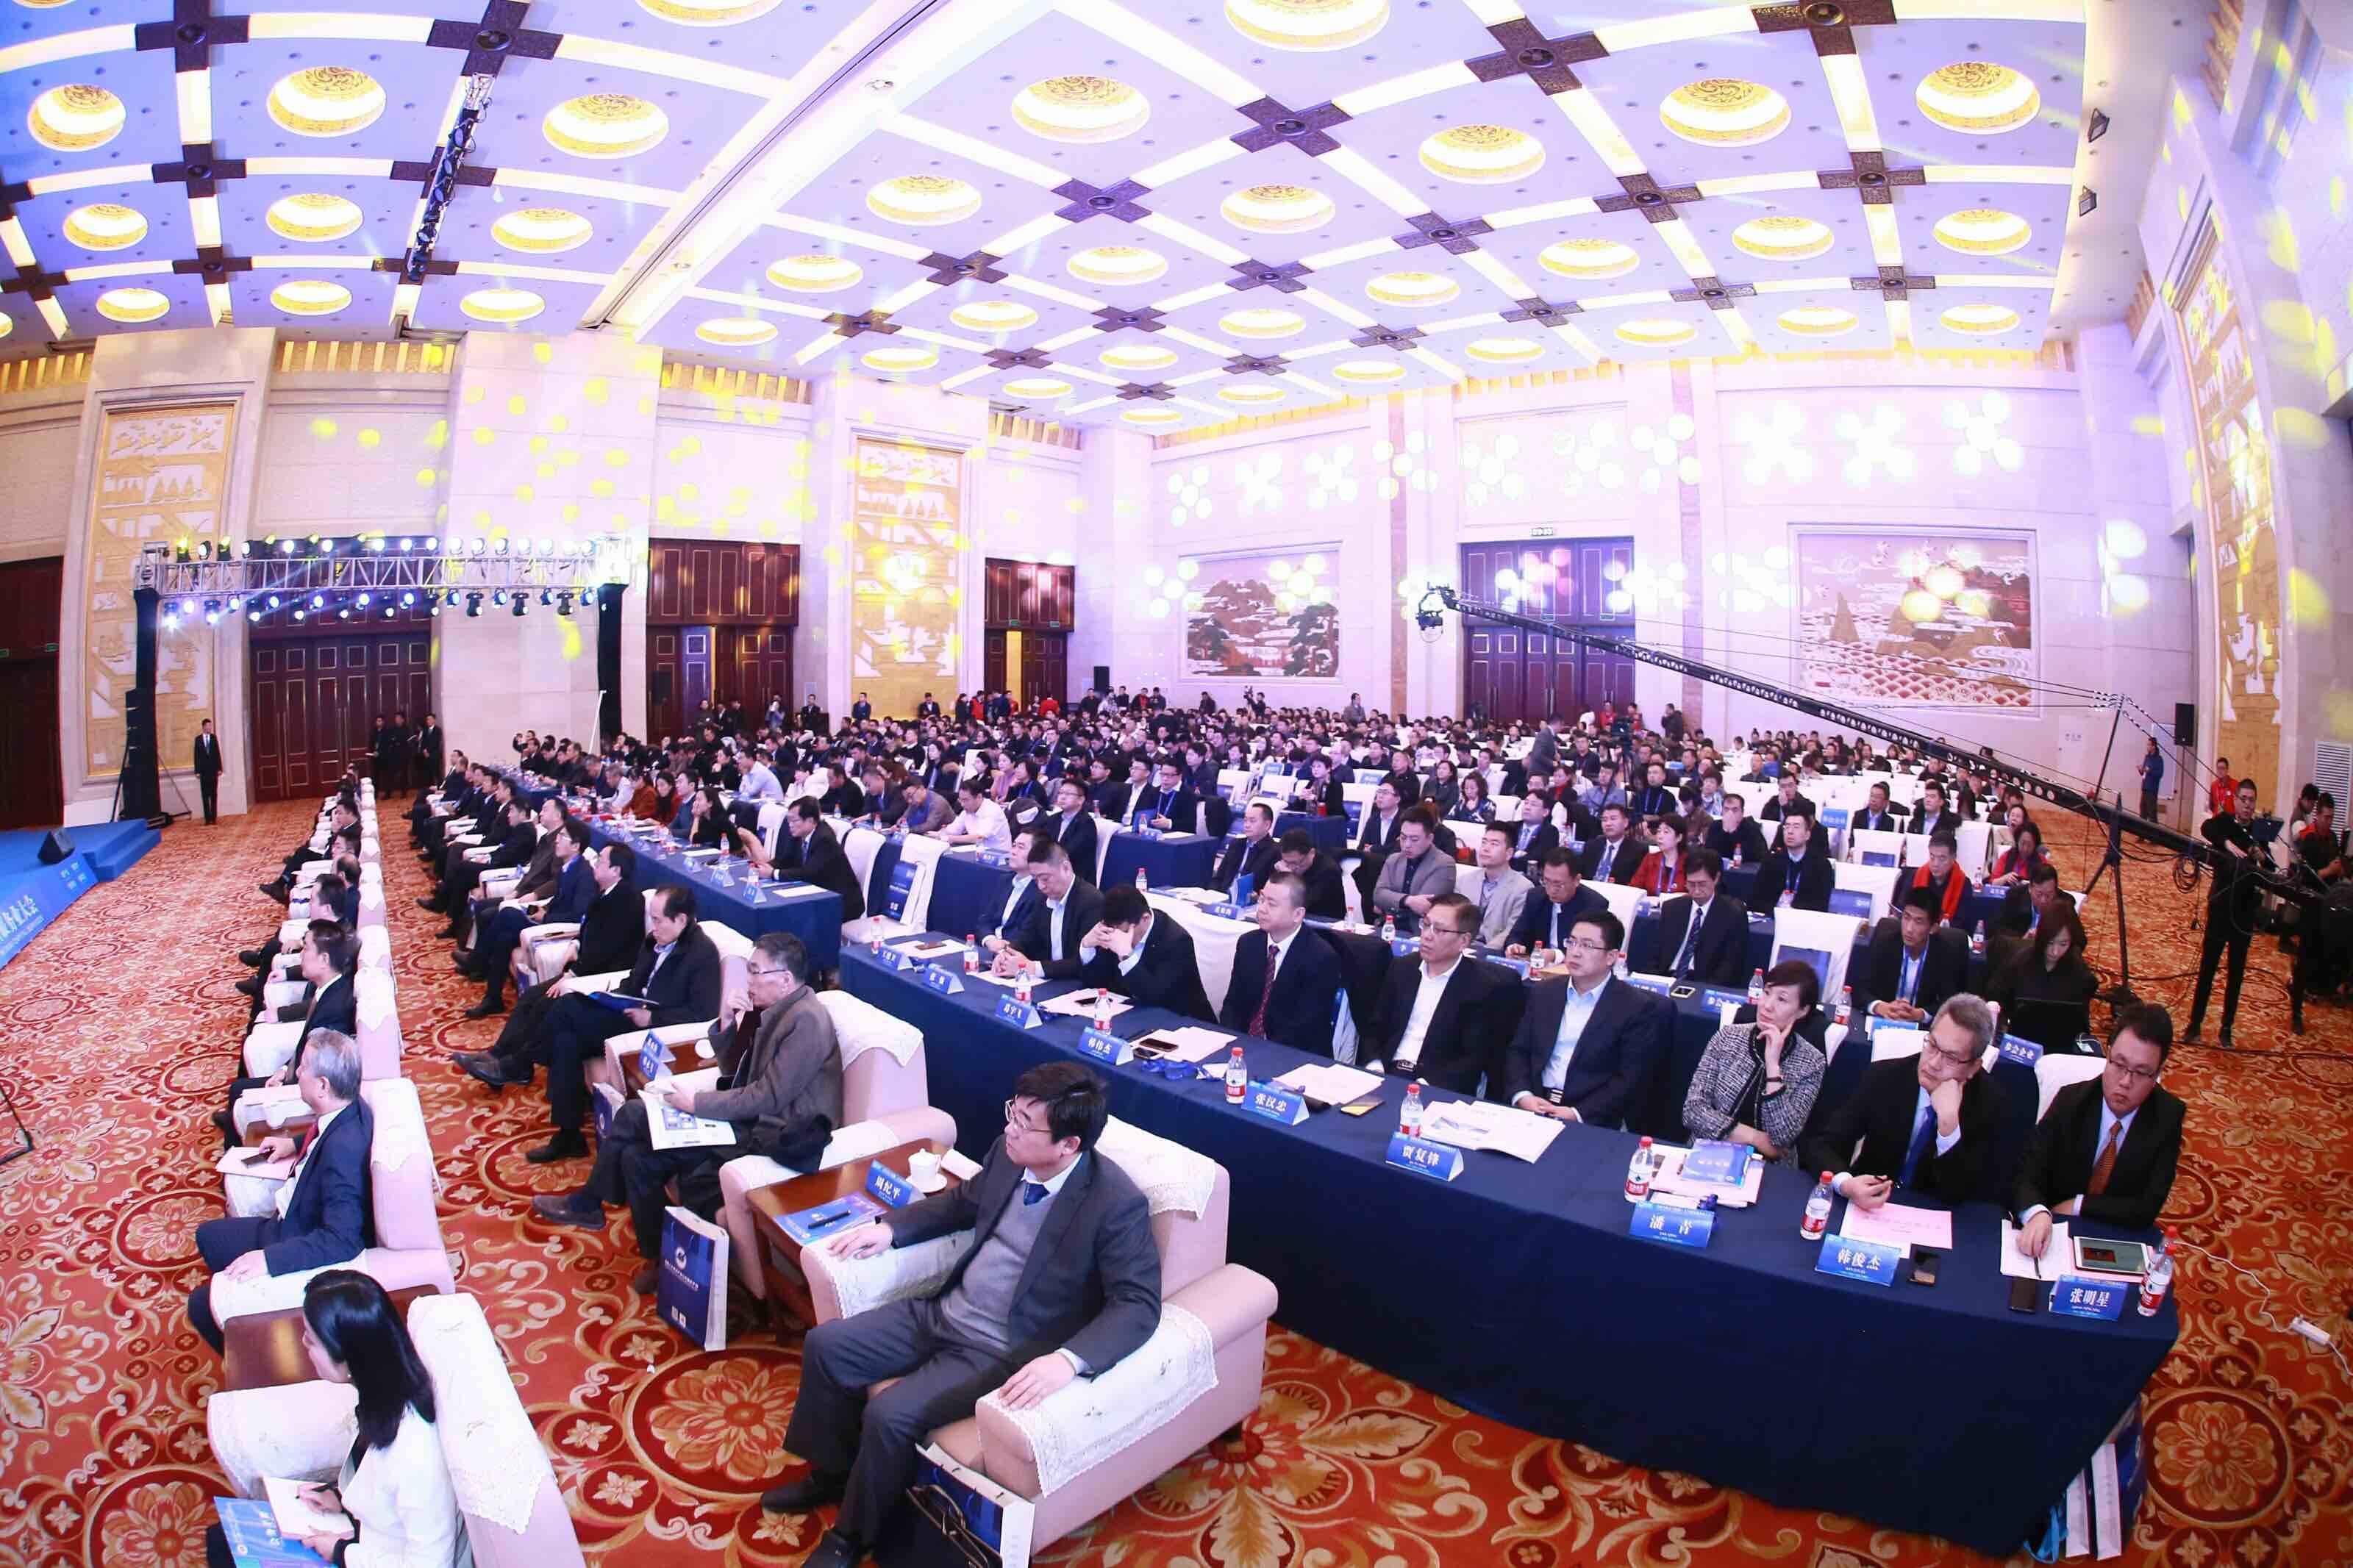 500多名大咖齐聚一堂!首届全球人力资本服务业大会今日在济南举办